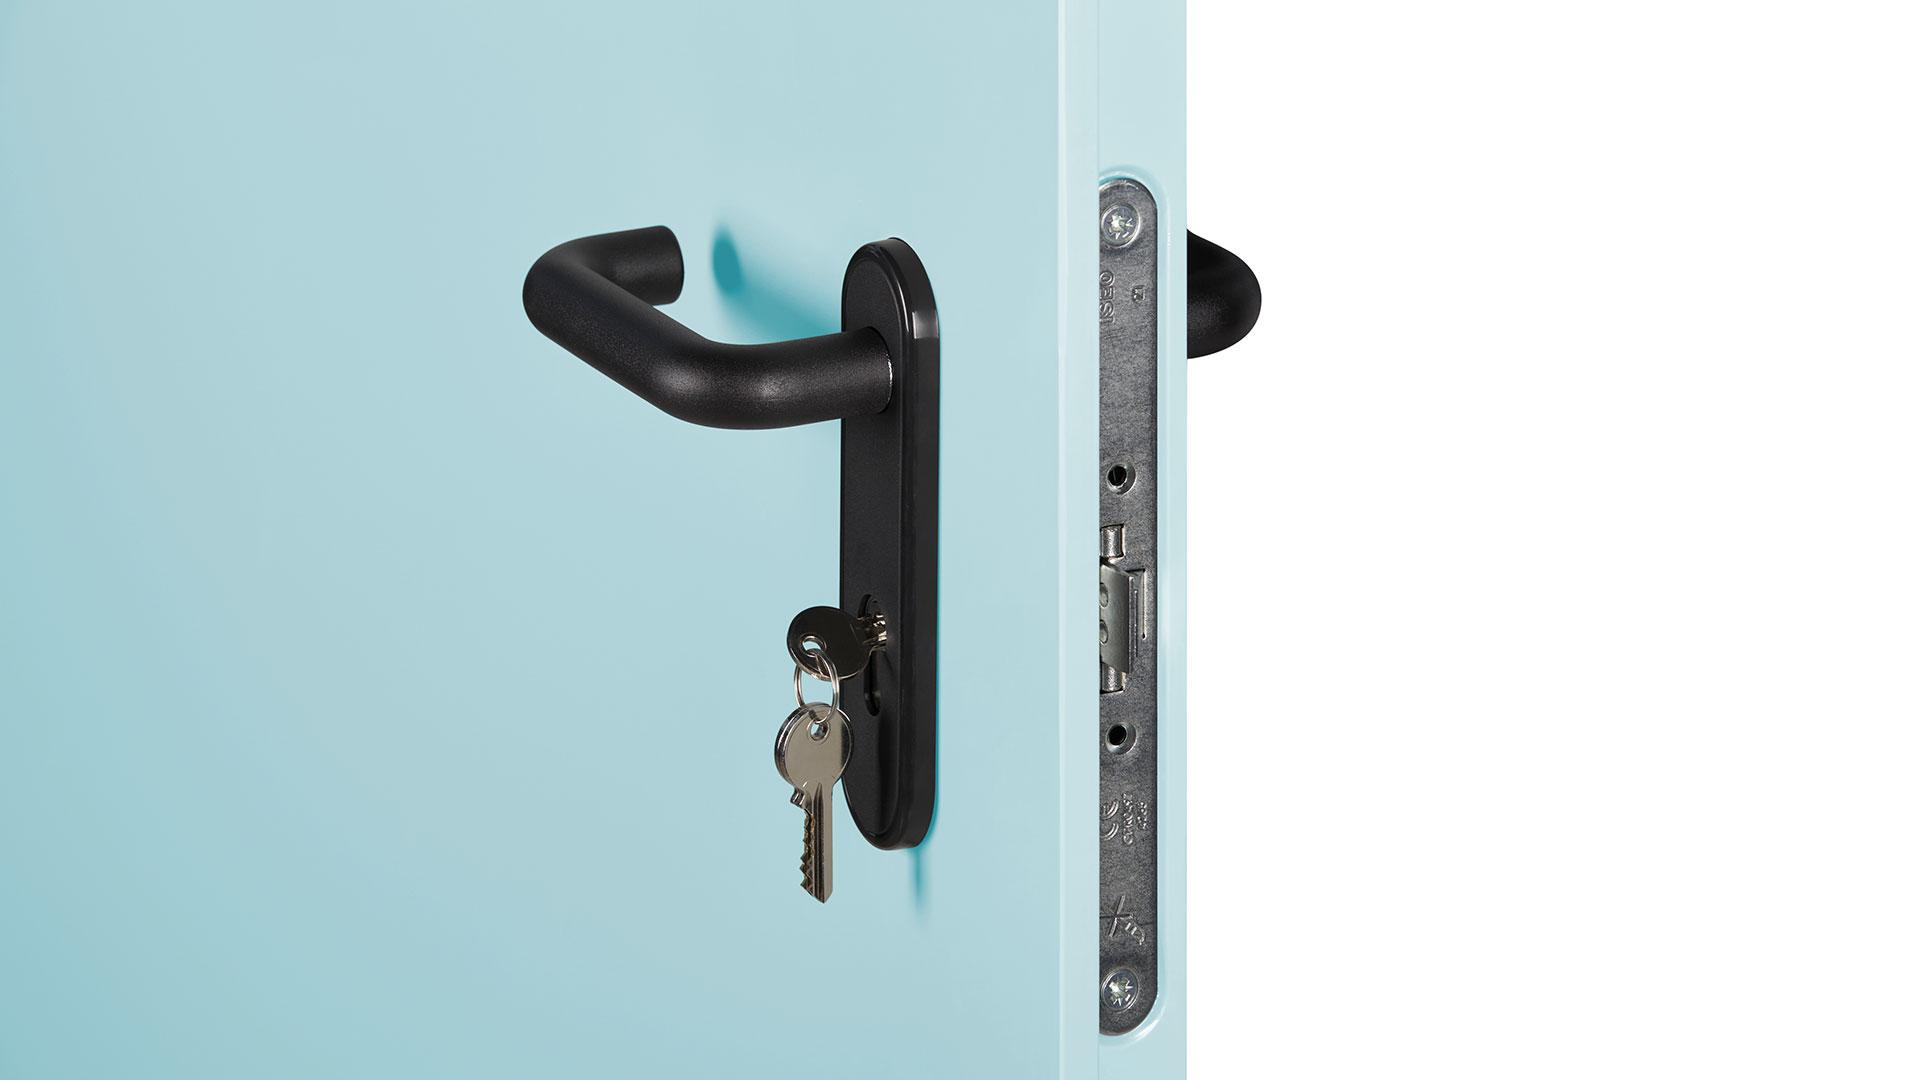 fotografía producto industrial puertas y herrajes